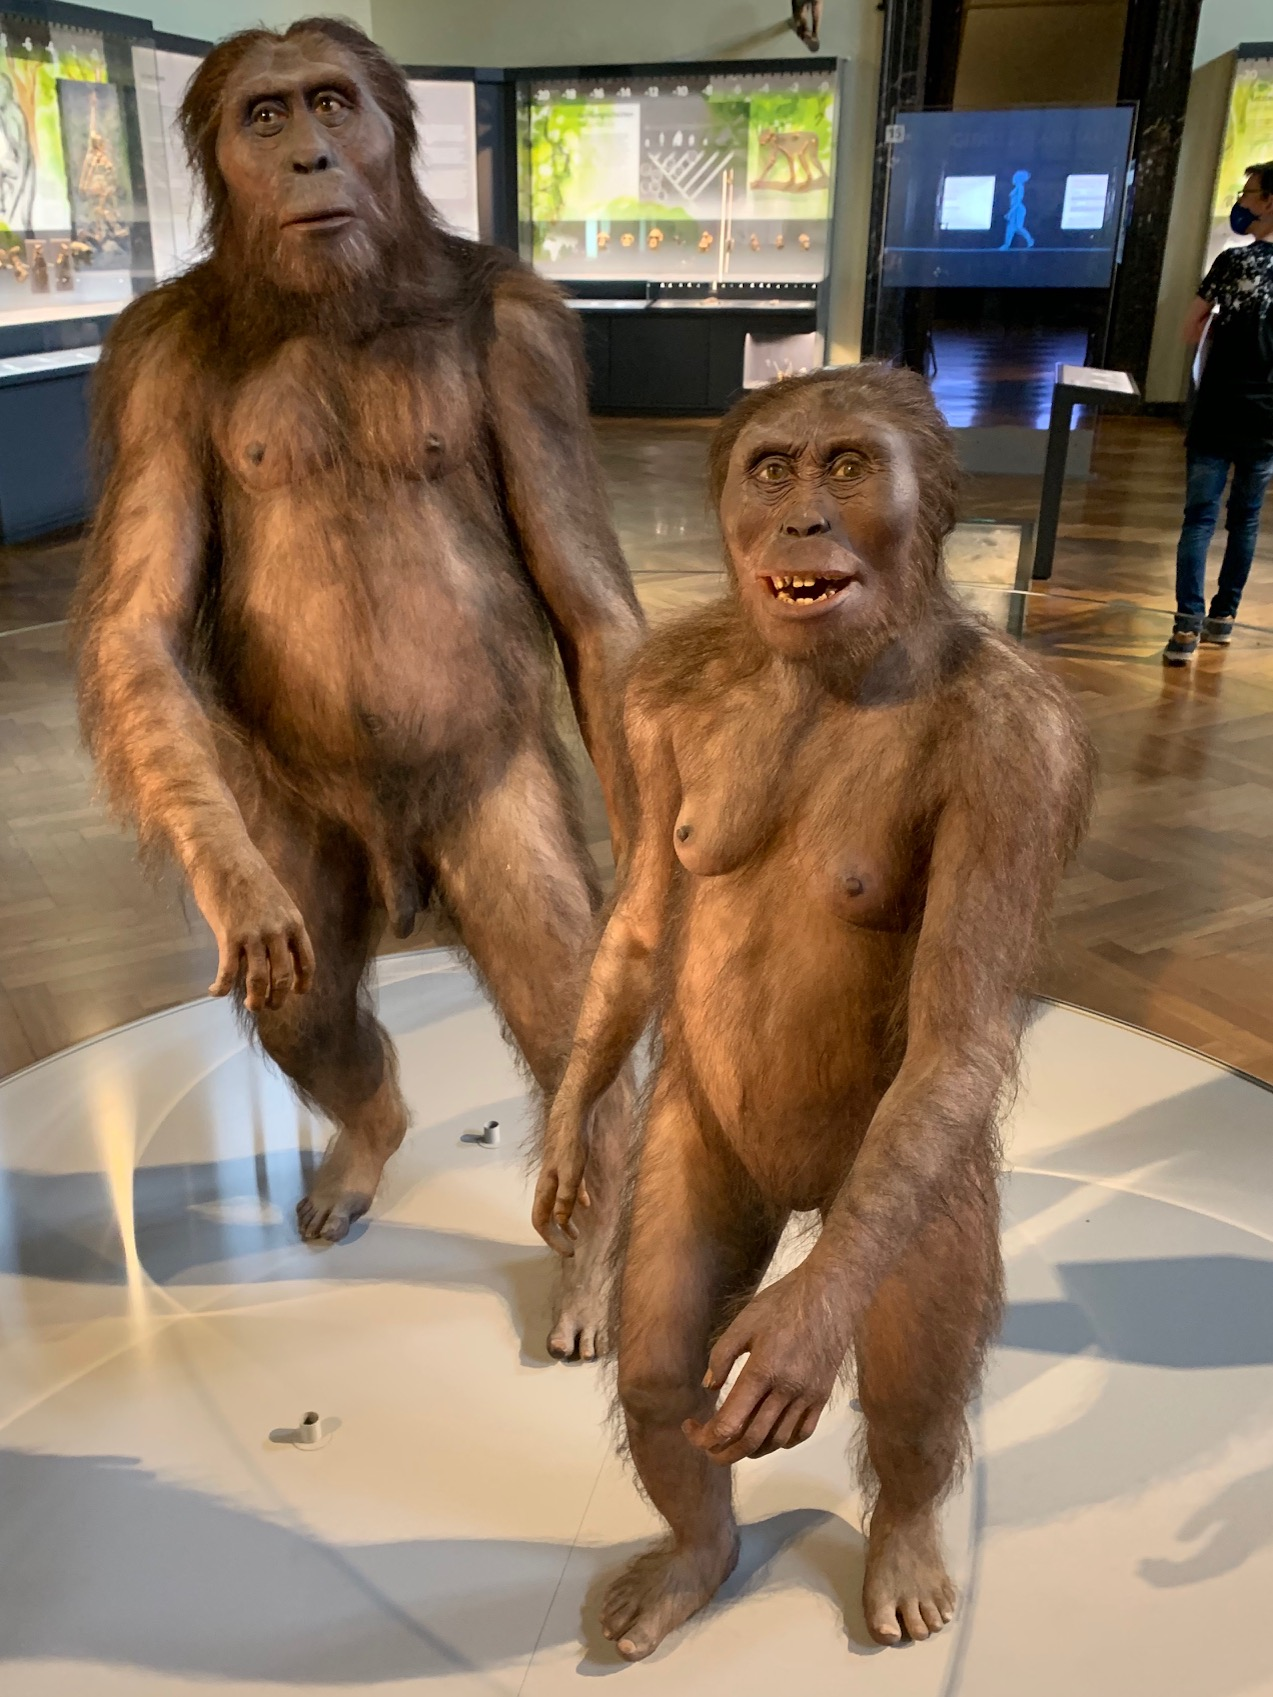 Lehrausgang Naturhistorisches Museum Wien 2GI